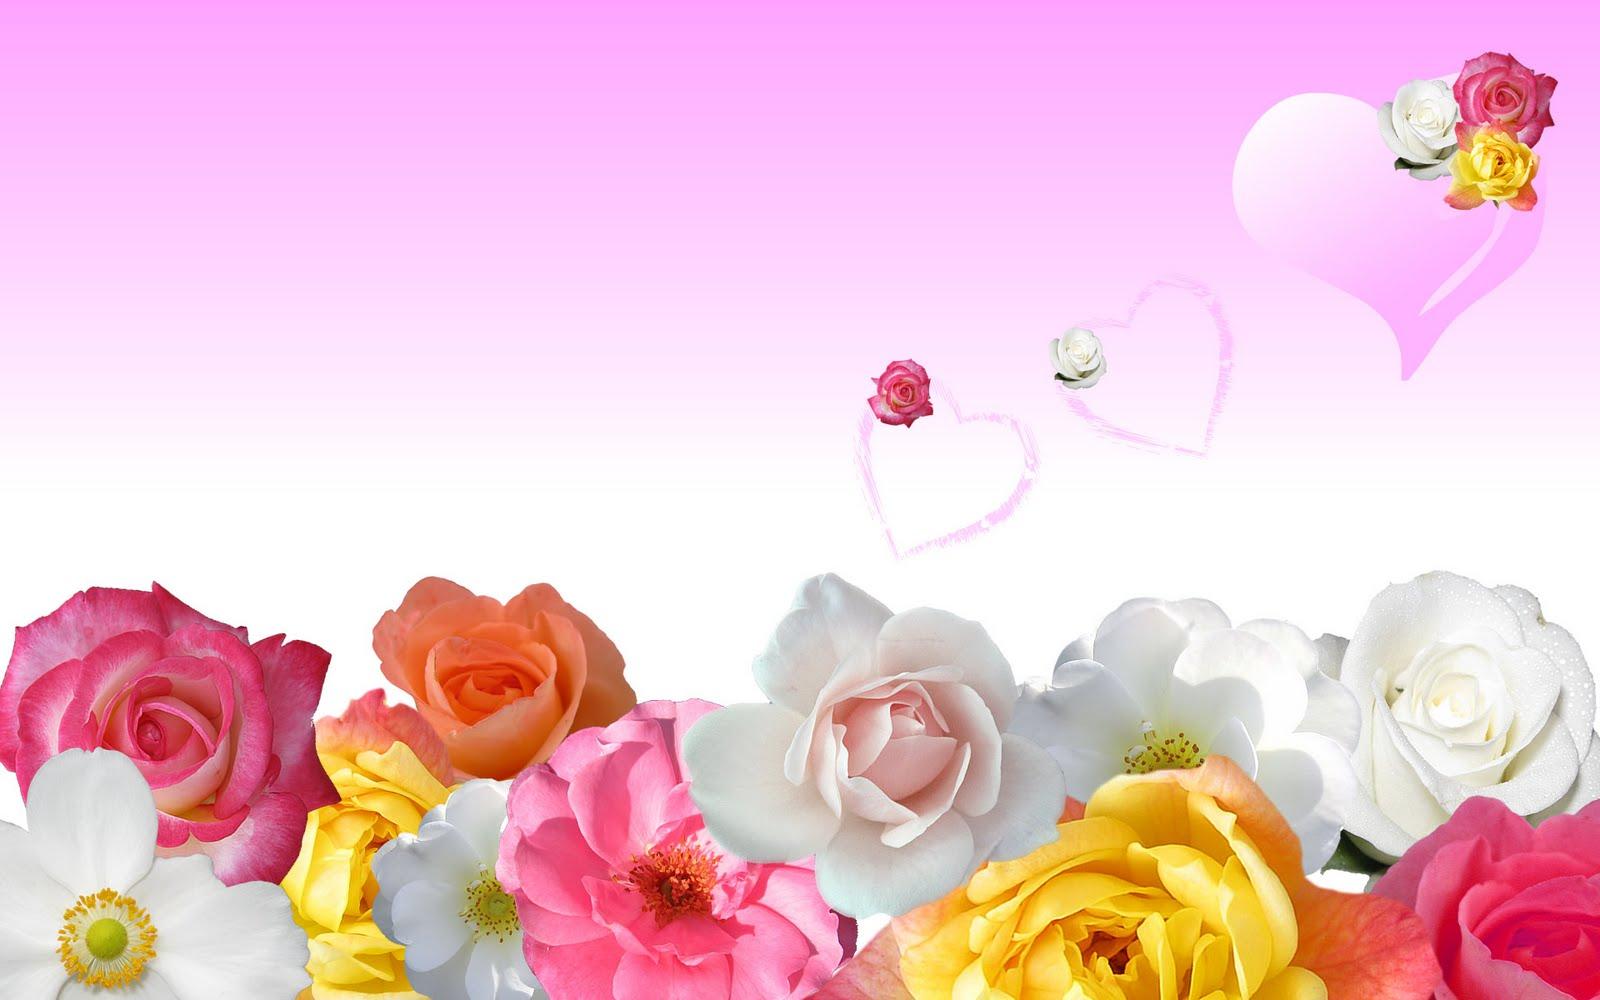 http://4.bp.blogspot.com/-RjDesxEIoU8/TscTNP_SsBI/AAAAAAAAAgI/hKJwSwD0jng/s1600/pink-flower-wallpaper-7-727711.jpg